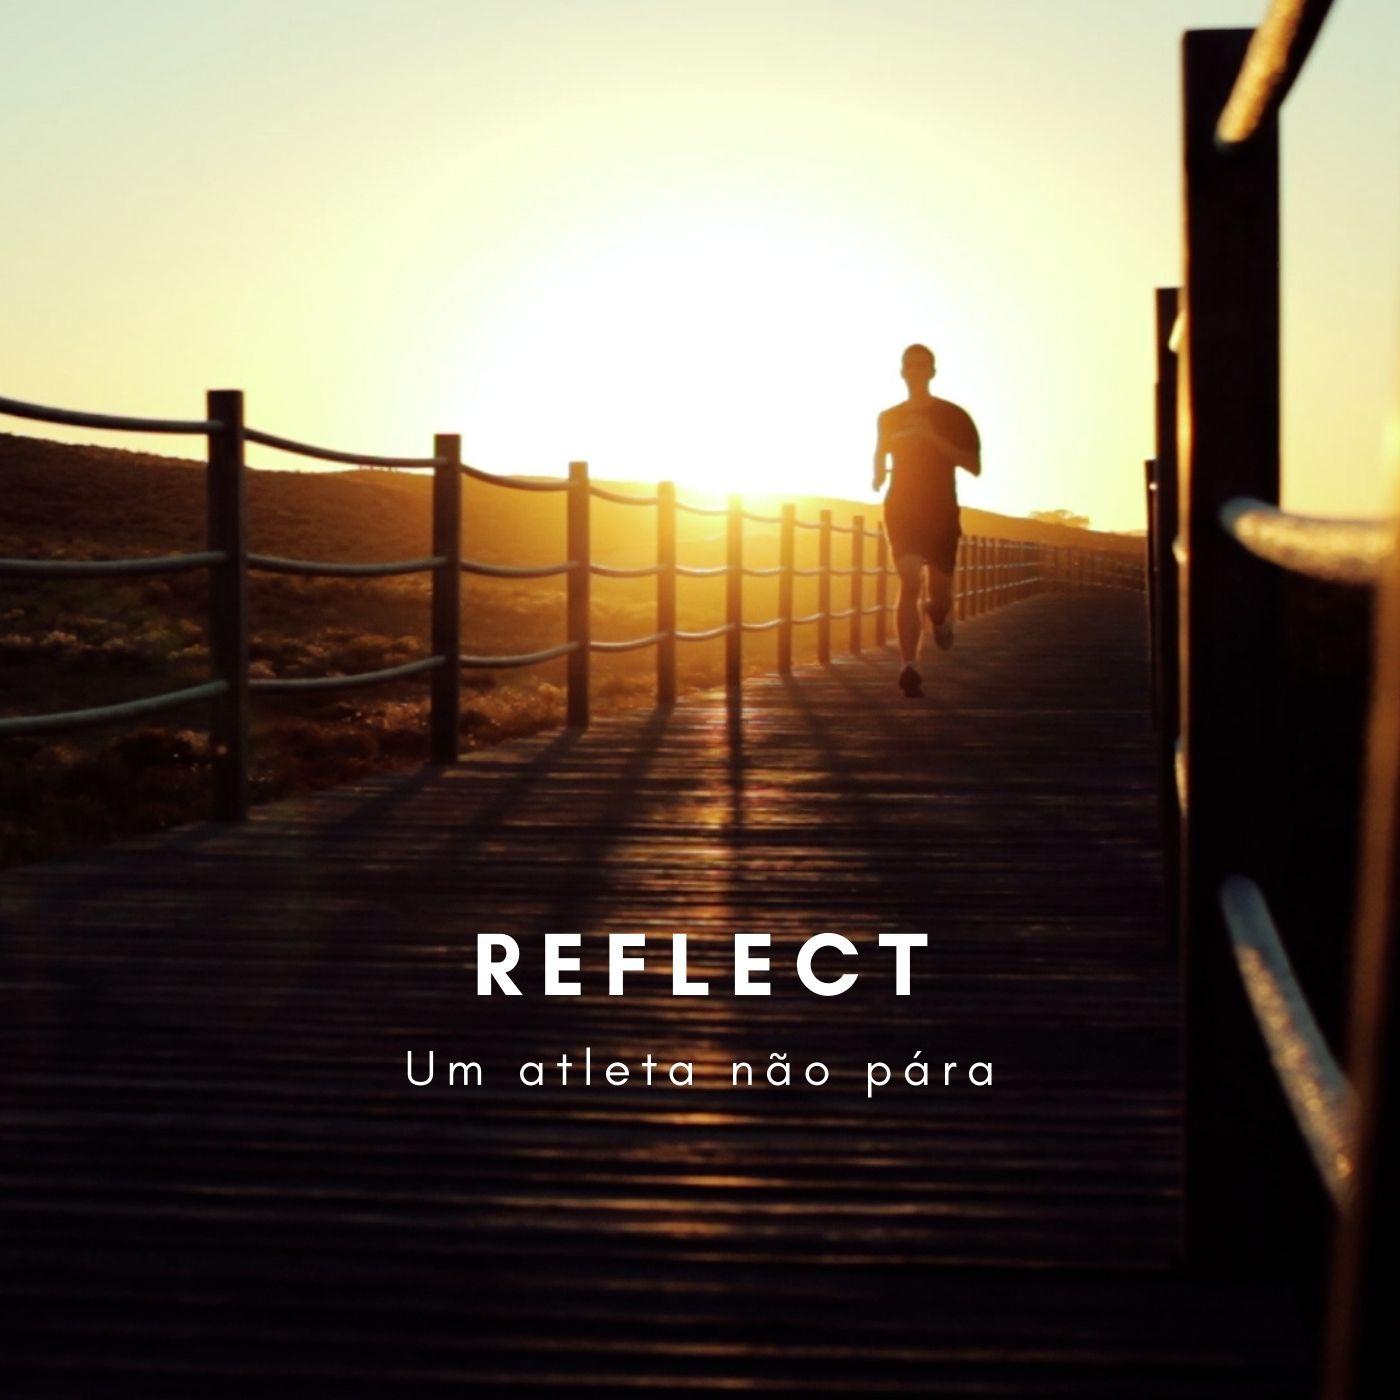 Reflect - Um atleta não pára